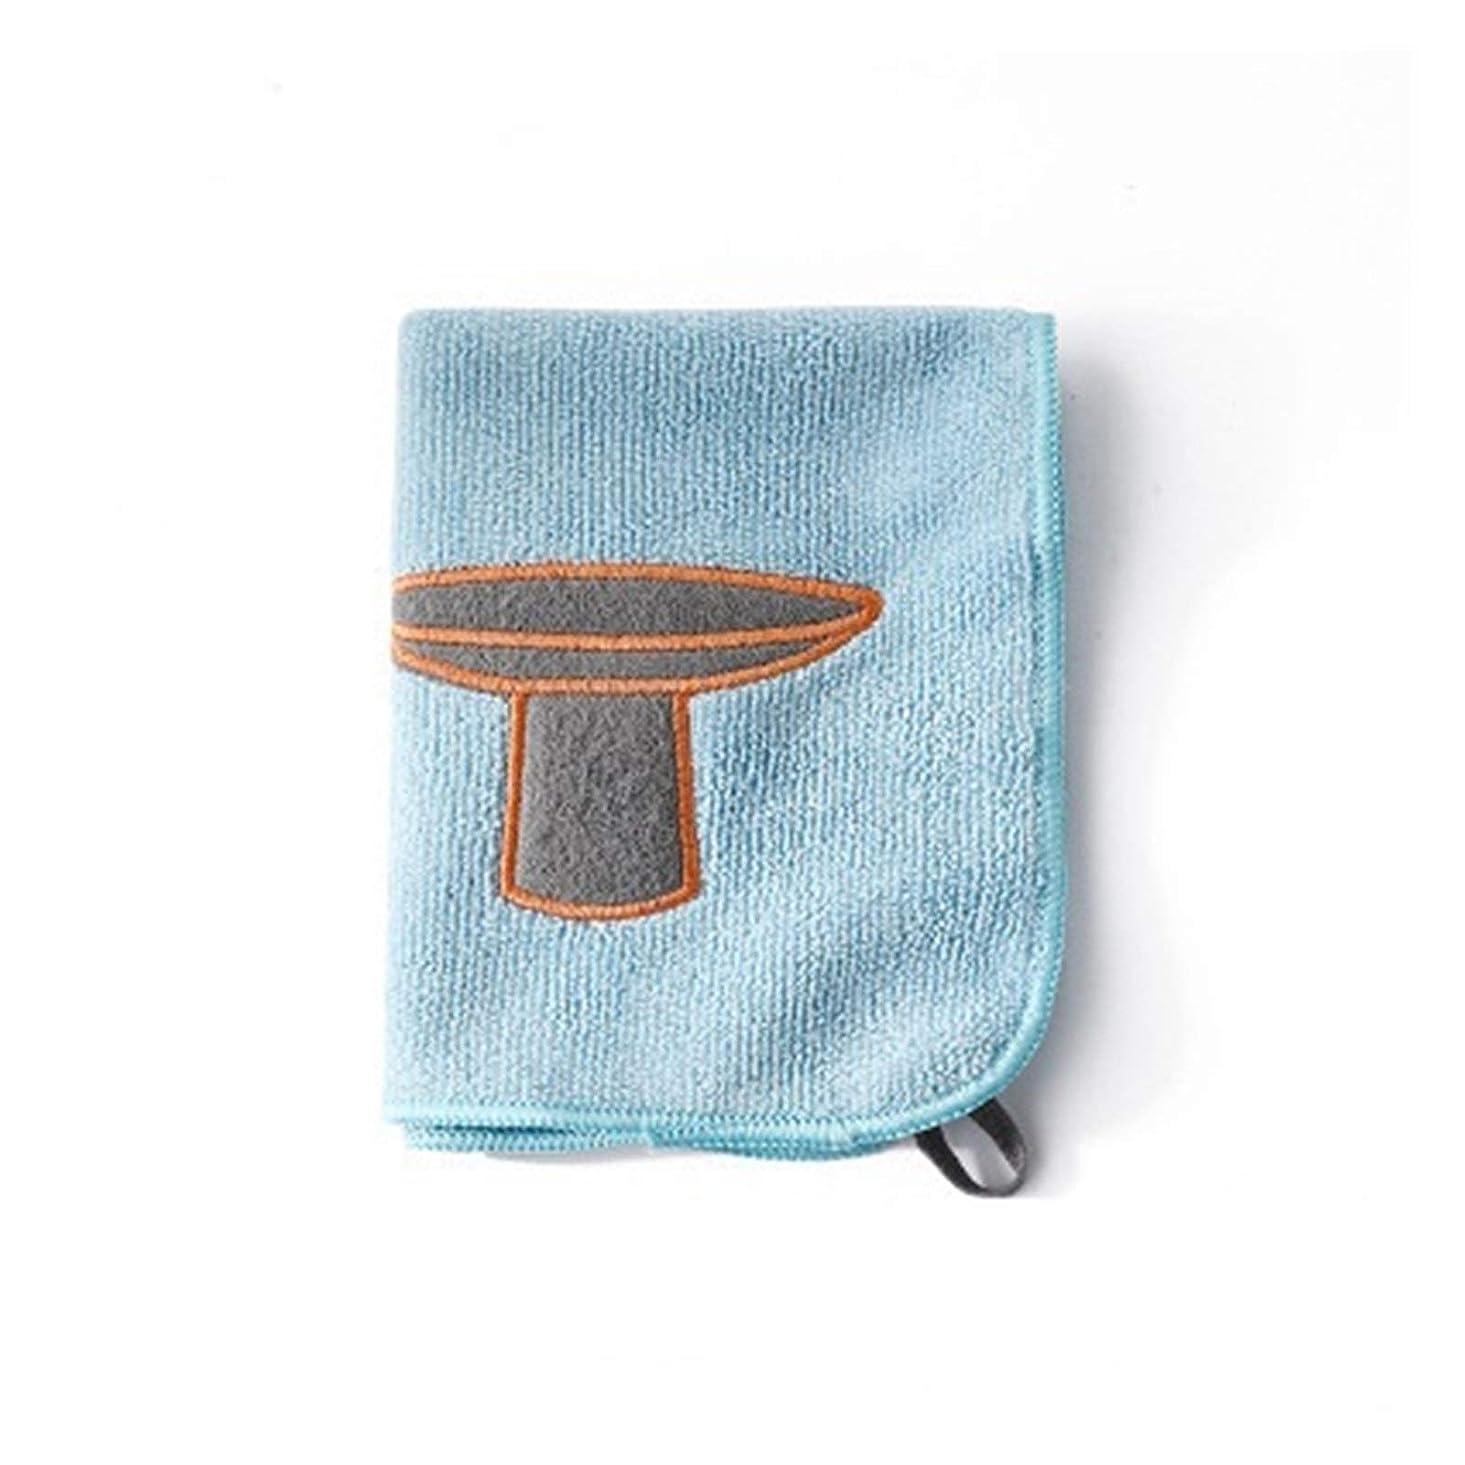 フロント令状有毒6PCSマイクロファイバーキッチンタオル漫画の刺繍ぼろクリーニングクロススーパーは、クリーニングツールを調理する家庭用ふきんを吸収剤 (Color : Sky Blue, Specification : 6pcs)